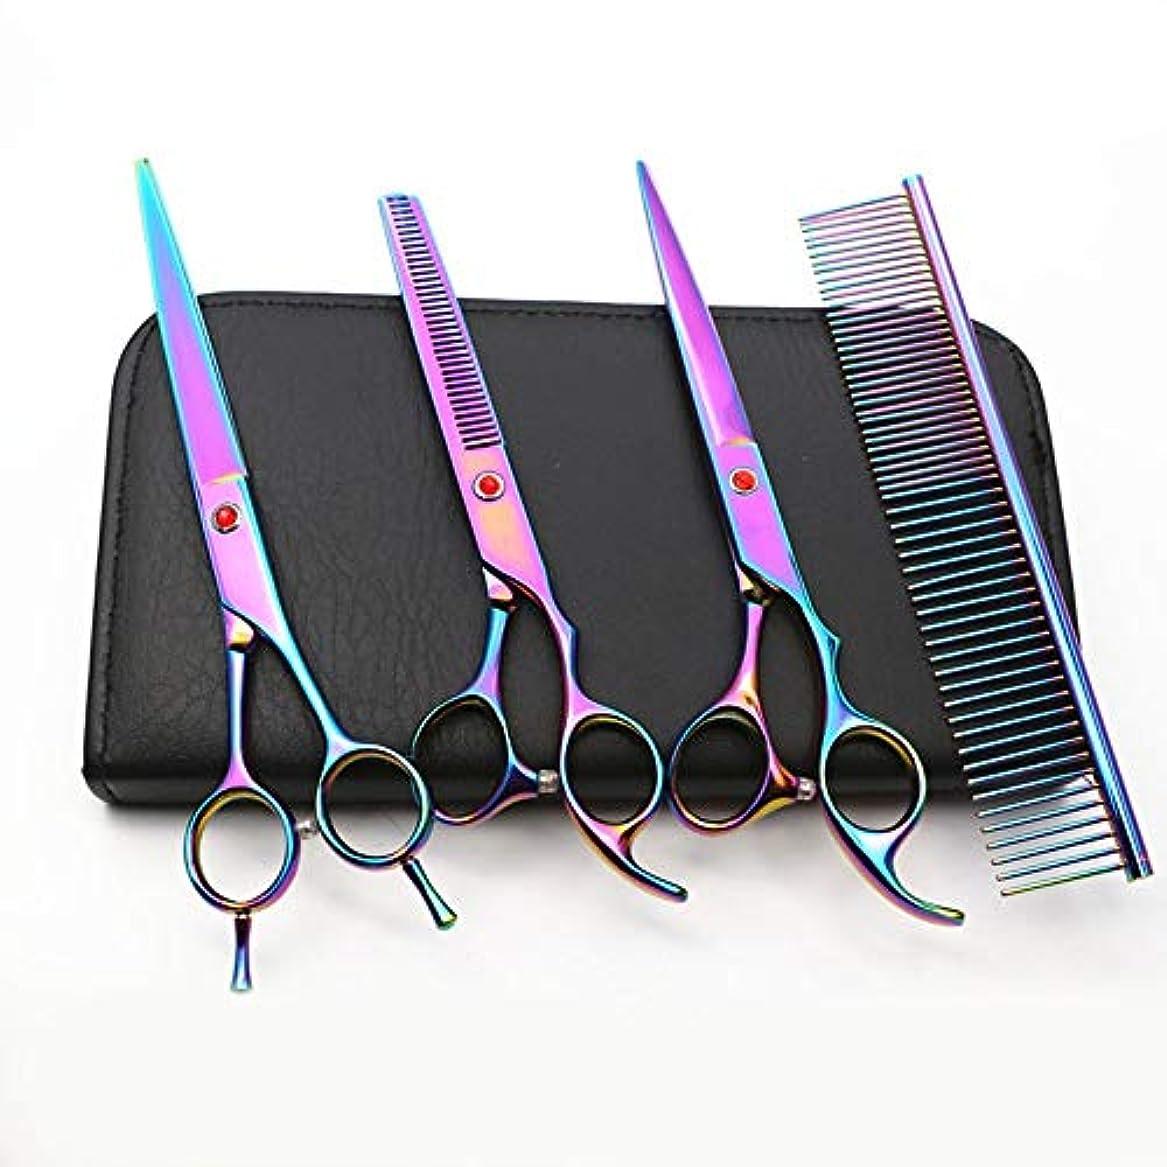 全体に繁雑新しい意味理髪用はさみ ハイエンドカラーペット理髪はさみ、カラフルなペット曲げ鋏5ピースセットヘアカット鋏ステンレス理容鋏 (色 : Colors)